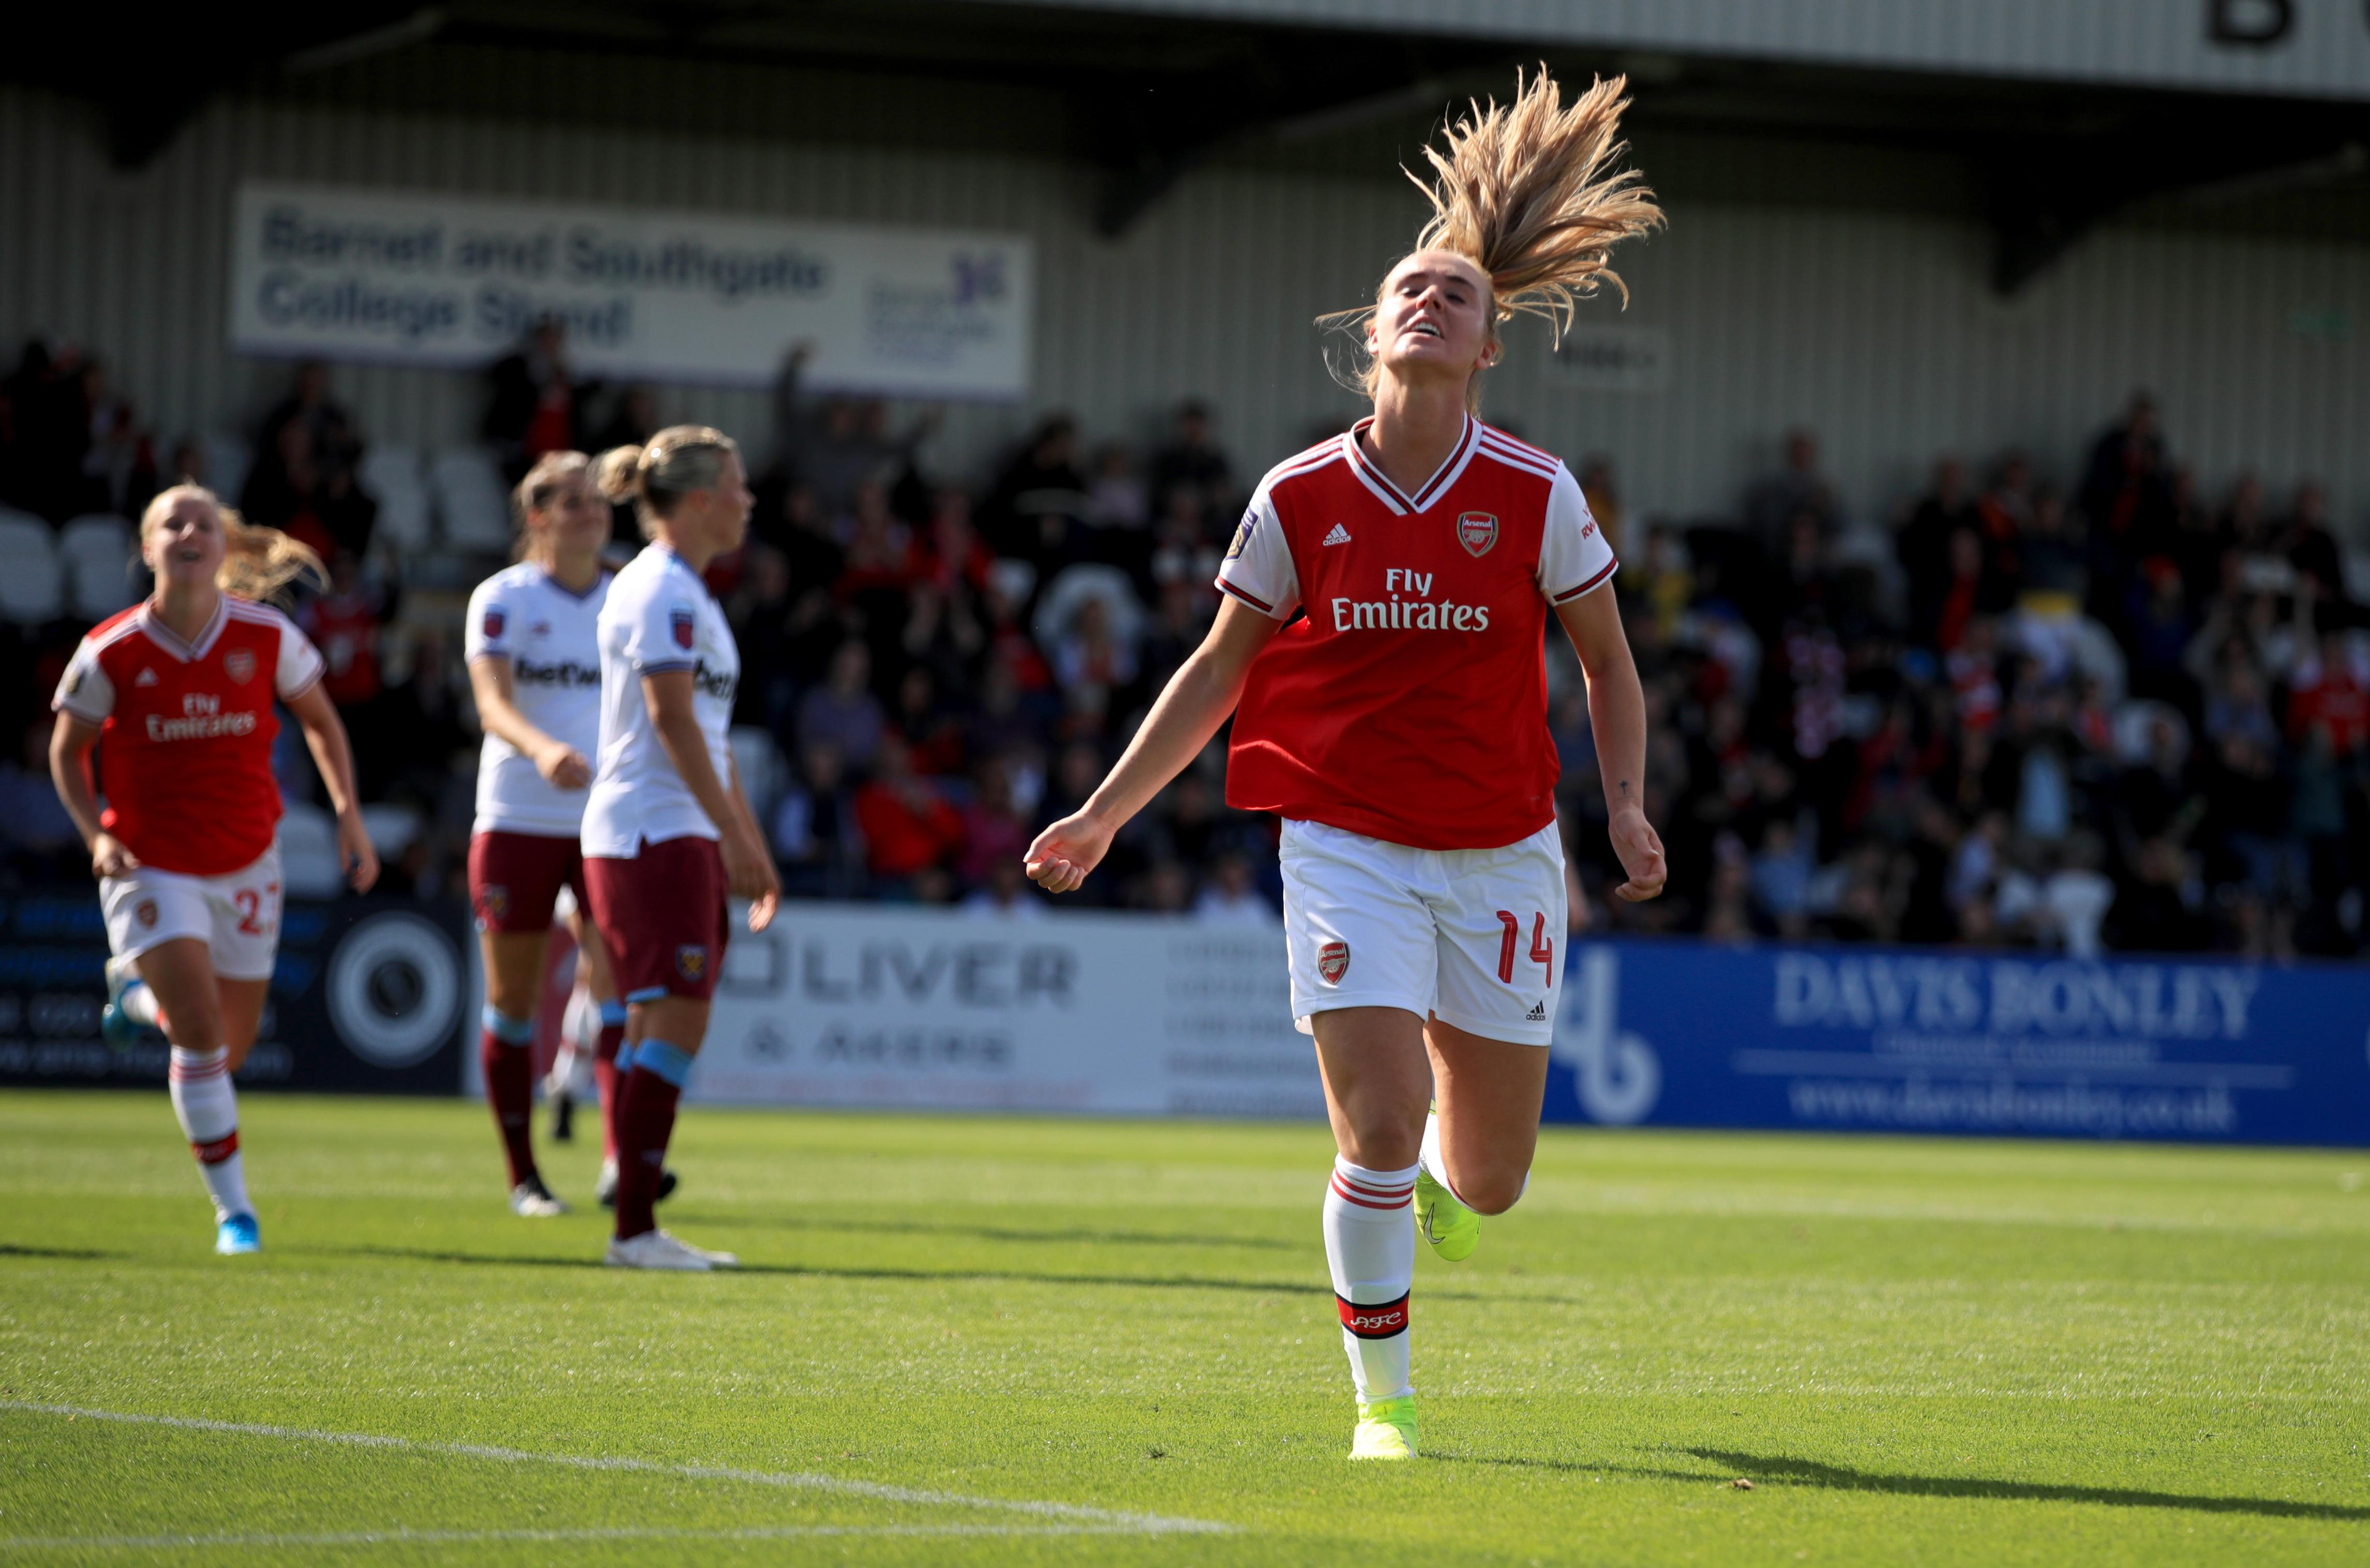 Arsenal v West Ham United - Women's Super League - Meadow Park